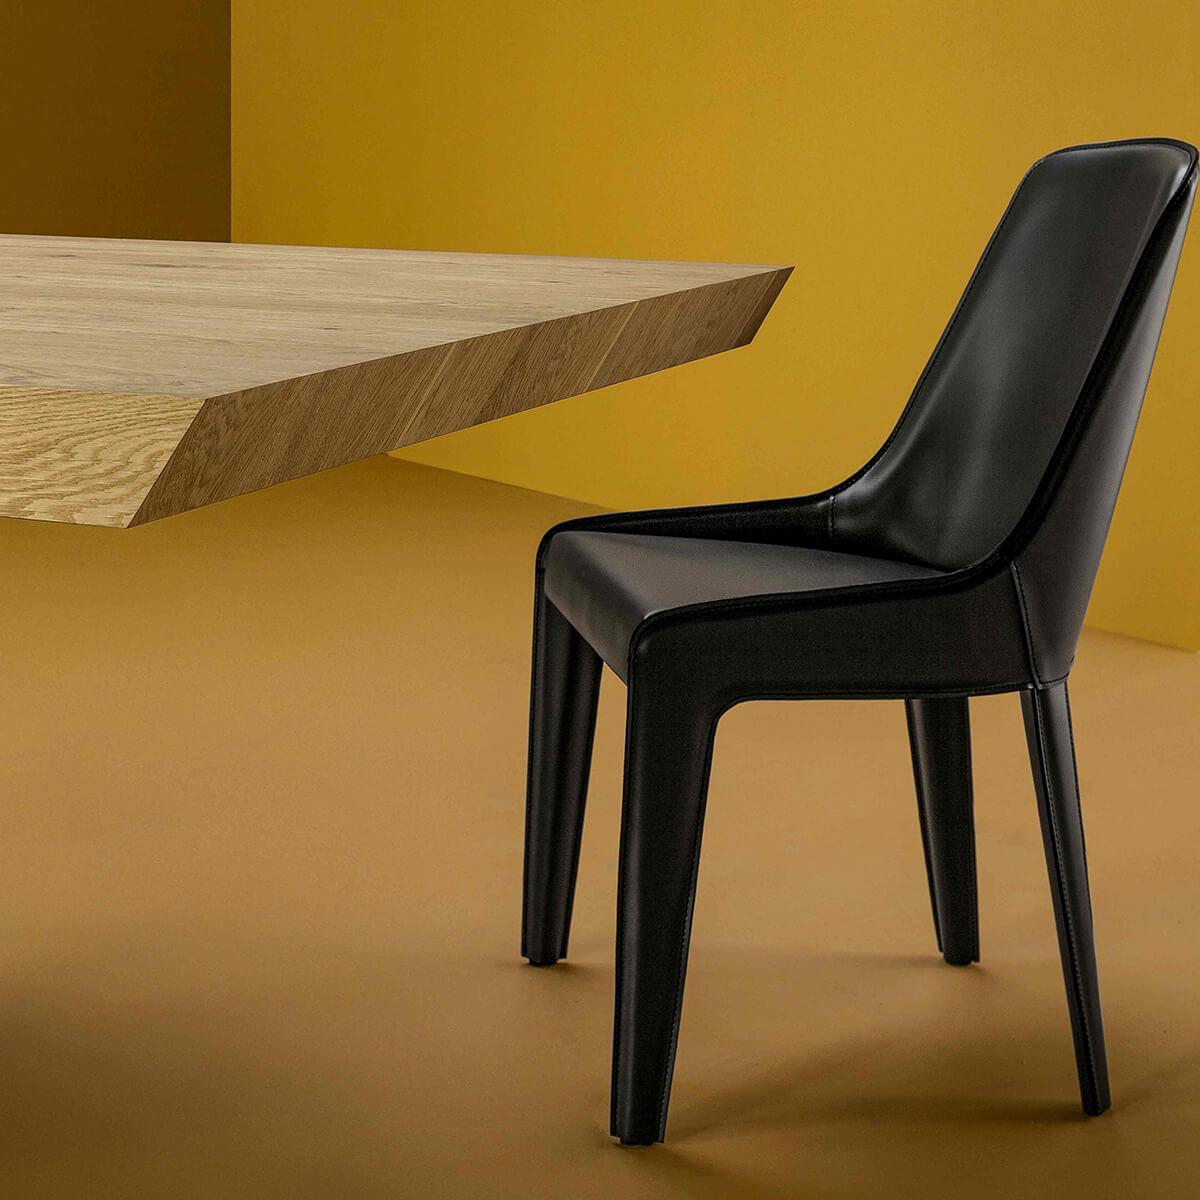 Трапезен стол Lamina от Bonaldo, Италия